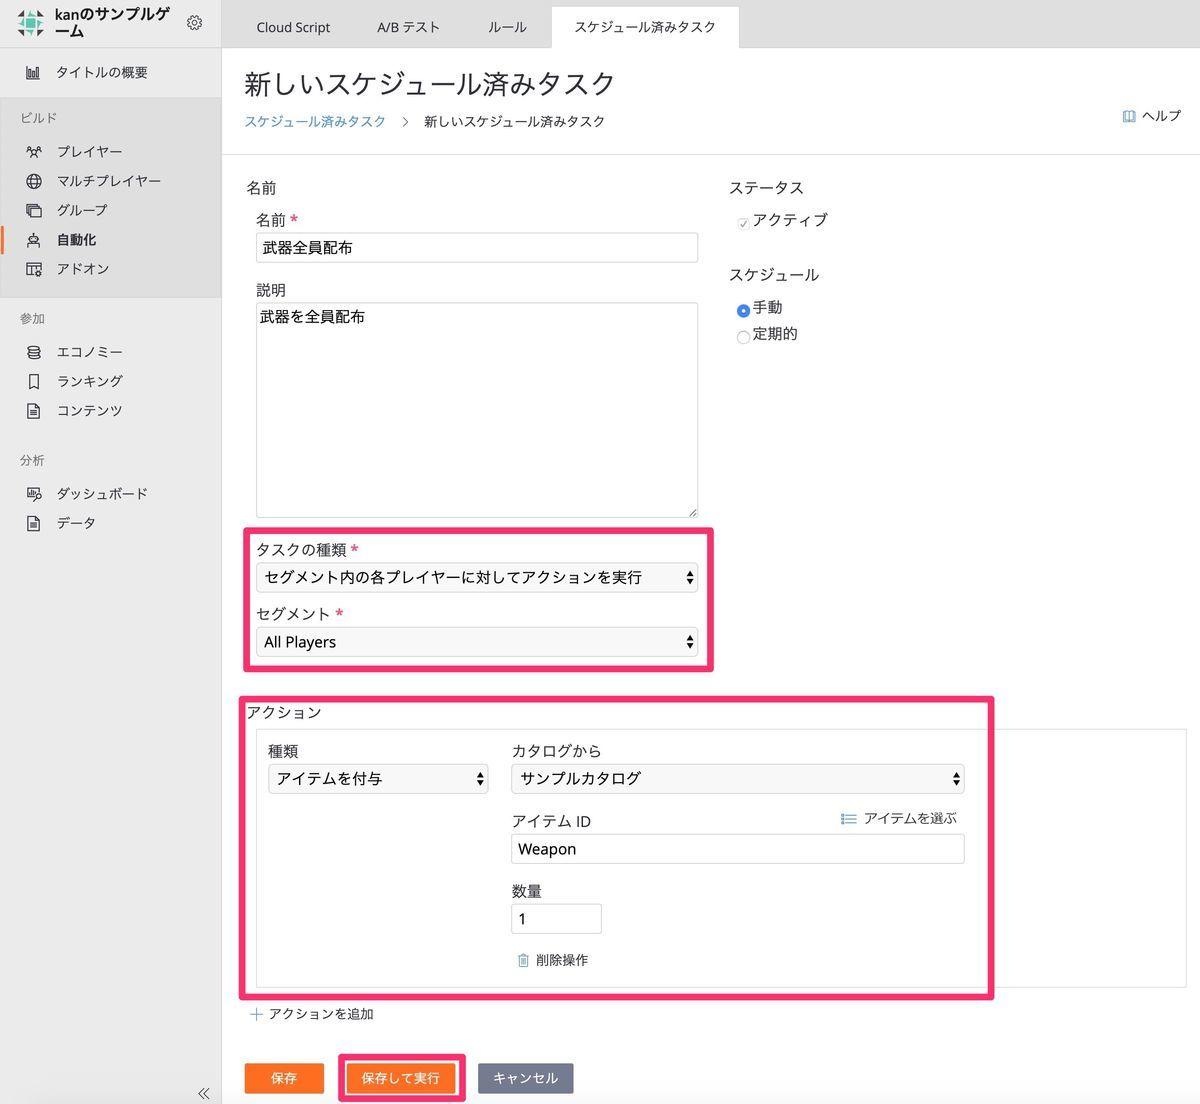 f:id:kan_kikuchi:20200125110716j:plain